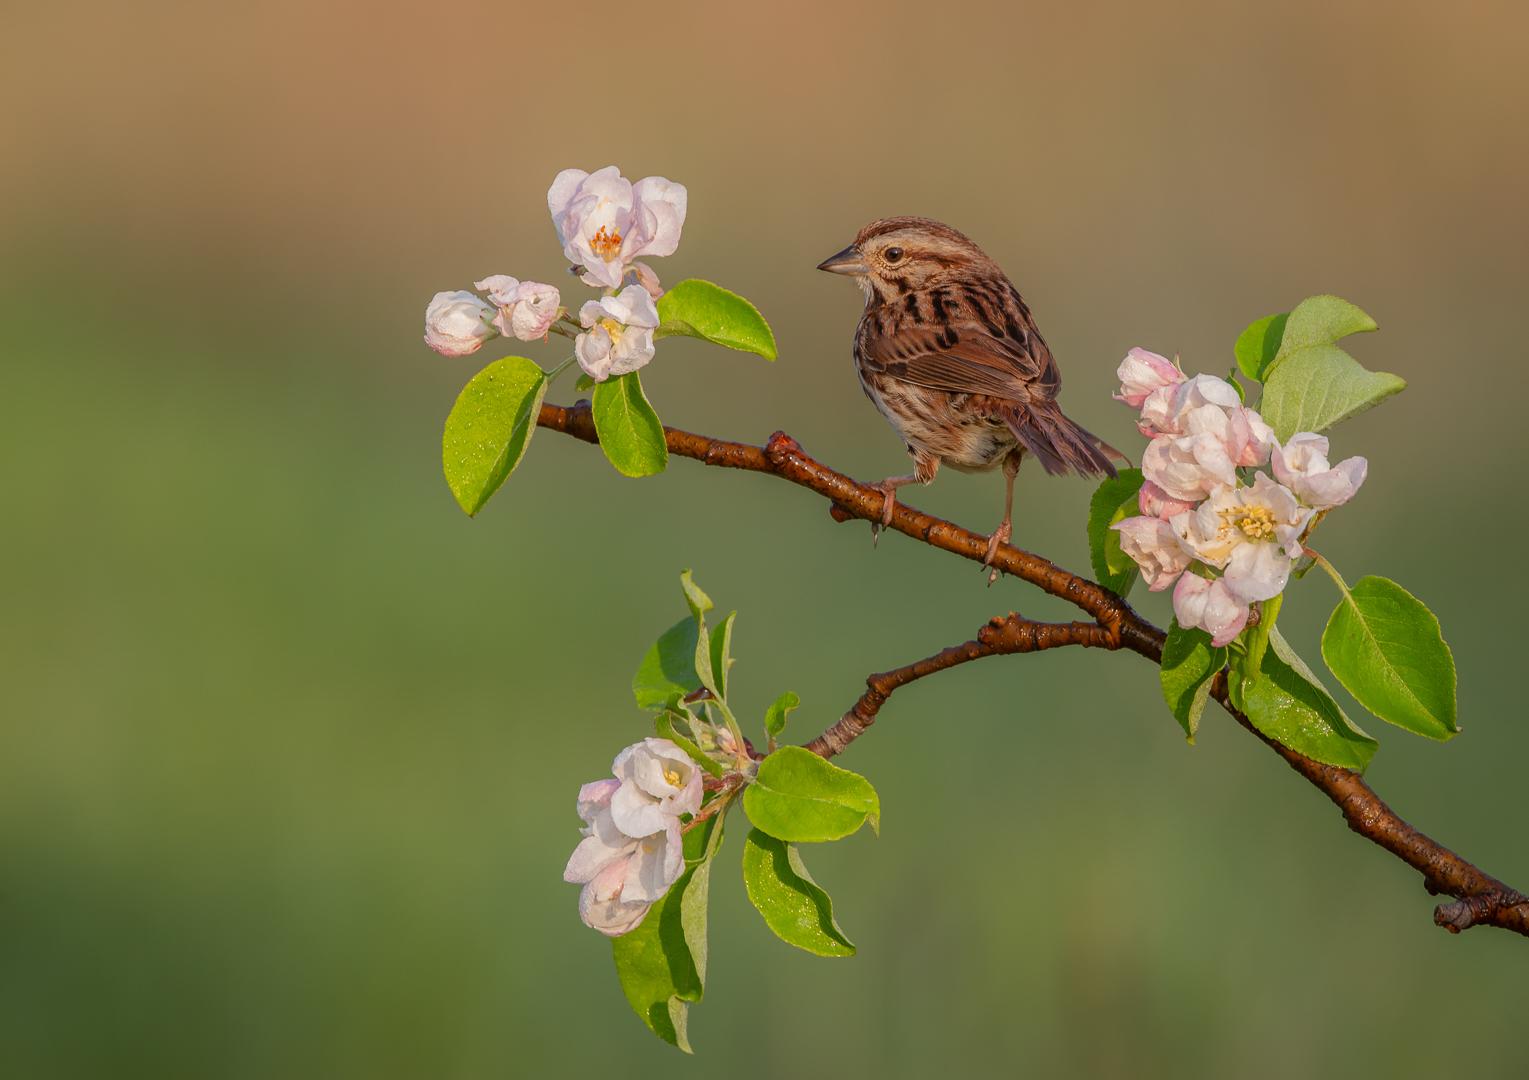 Sparrow on Apple Blossom